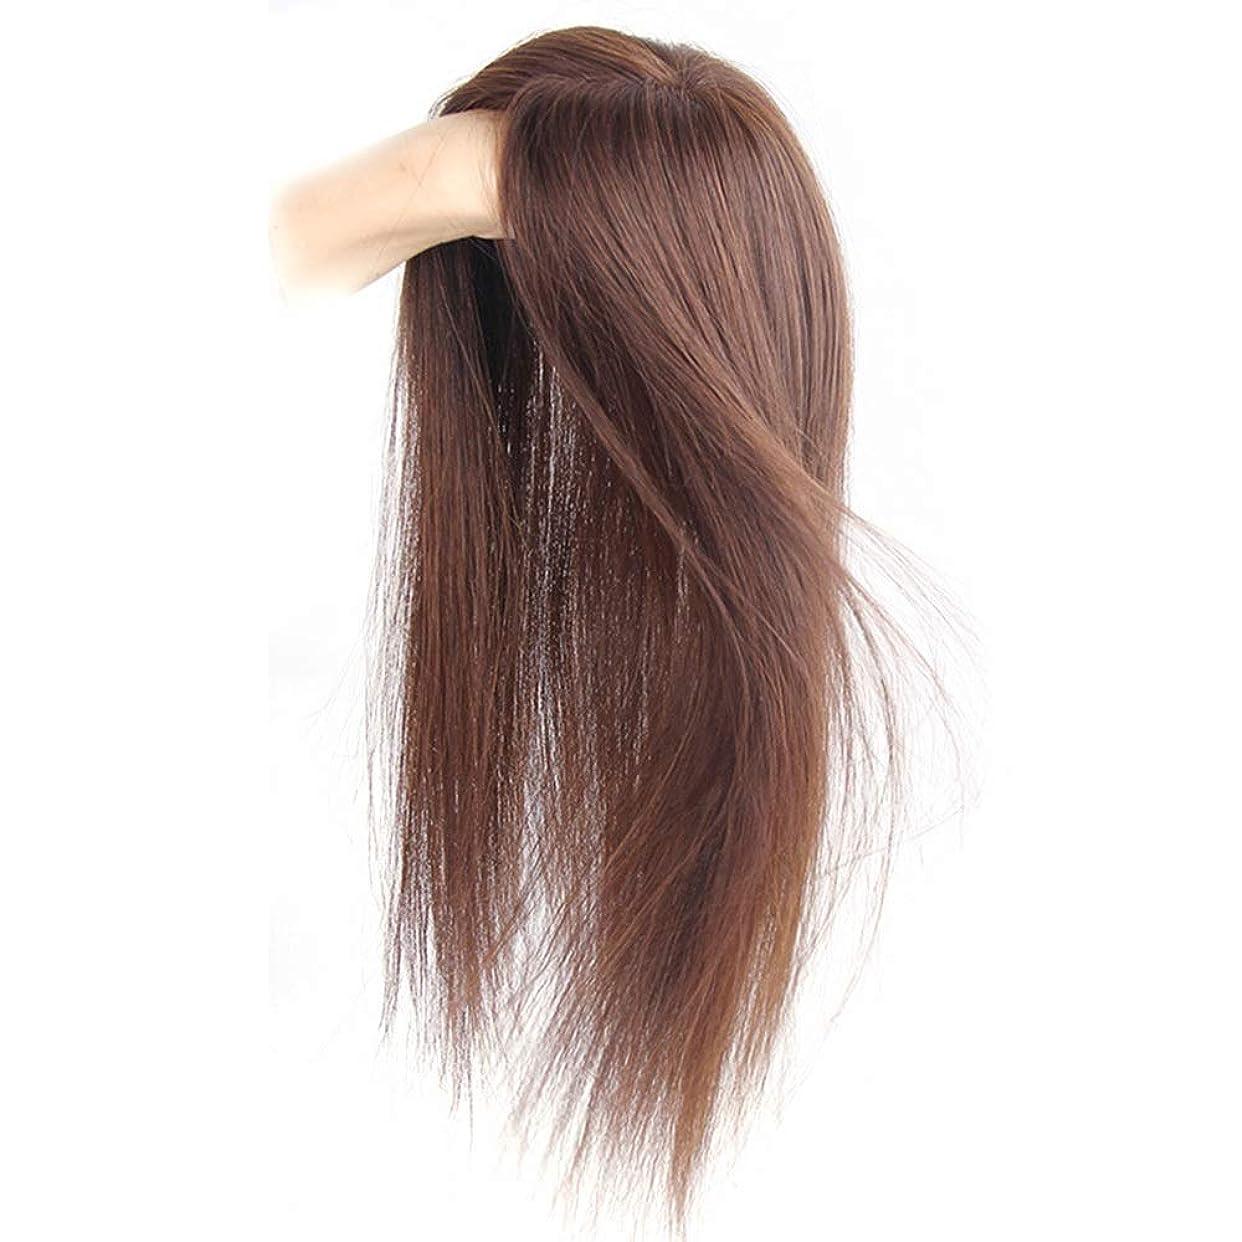 めるに慣れ銀行BOBIDYEE 本物のヘアエクステンションでクリップストレートの女性のための絹のようなnatrual見る女性の合成かつらレースかつらロールプレイングかつら (色 : [7x10] 17cm natural black)